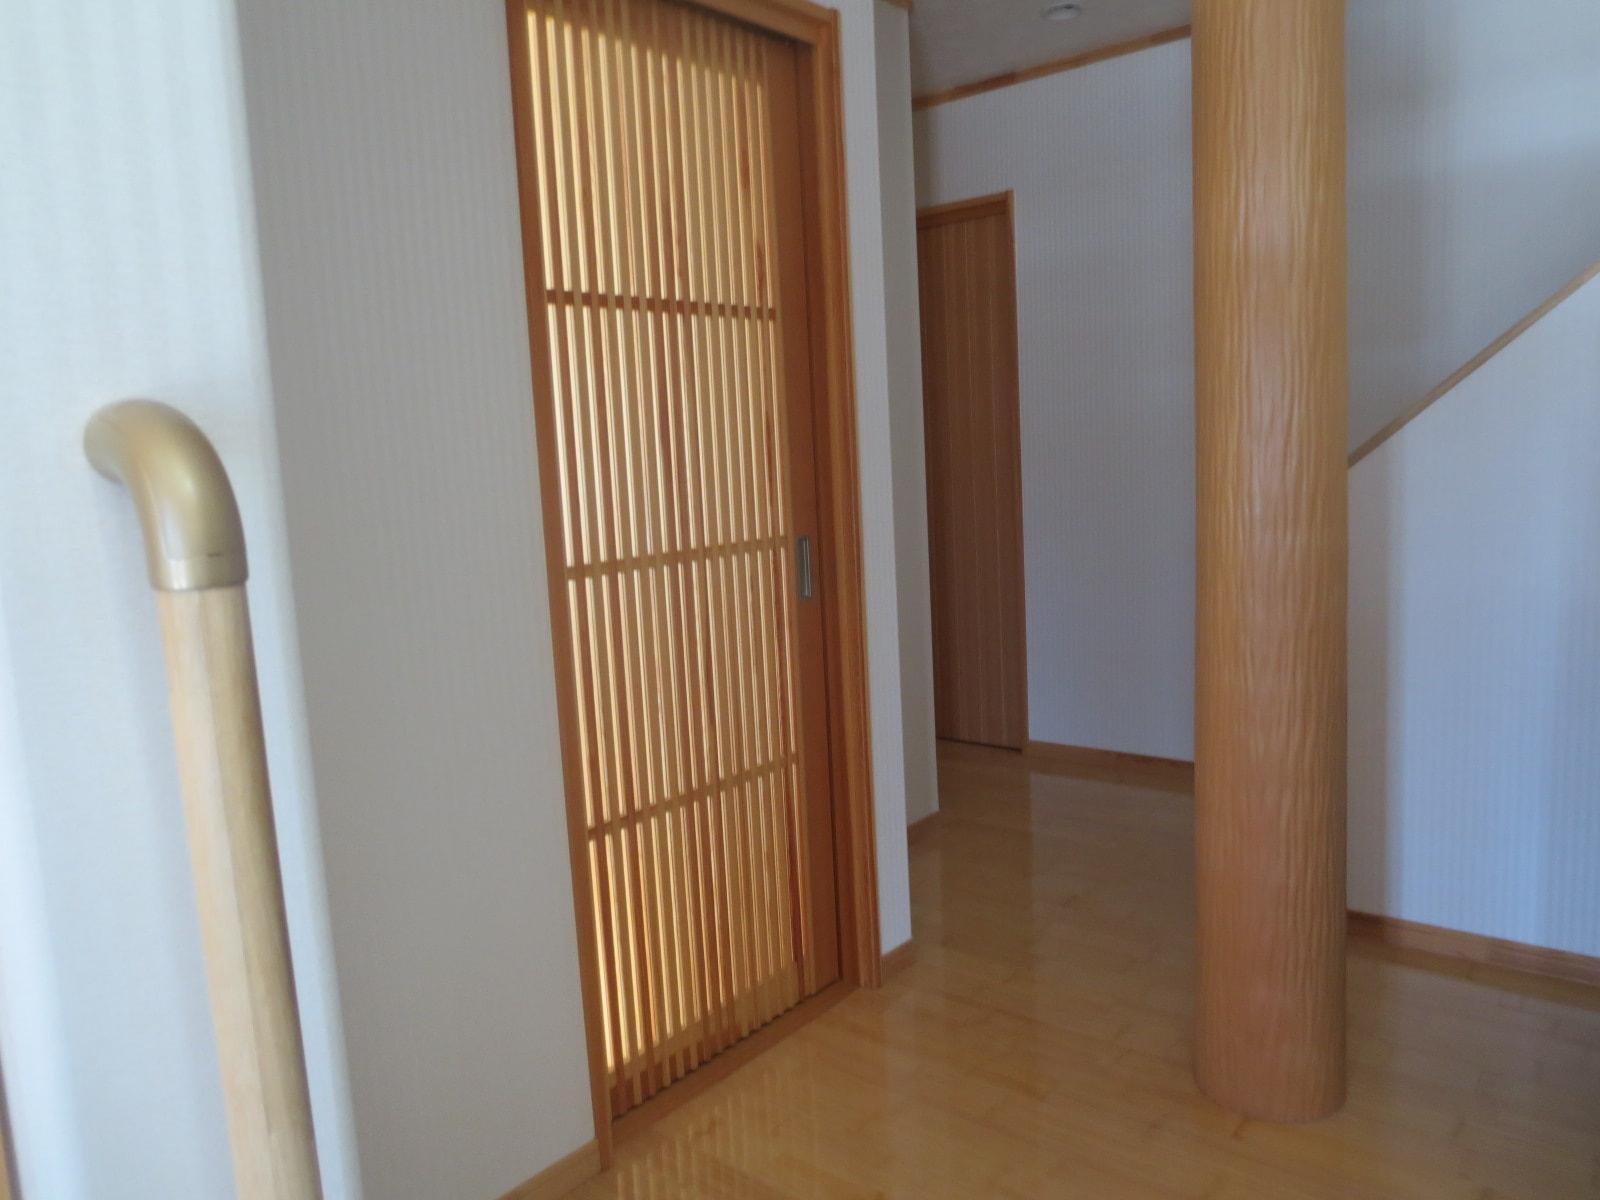 秋田県・にかほ市田抓字北野 中古物件 戸建て 玄関ホール